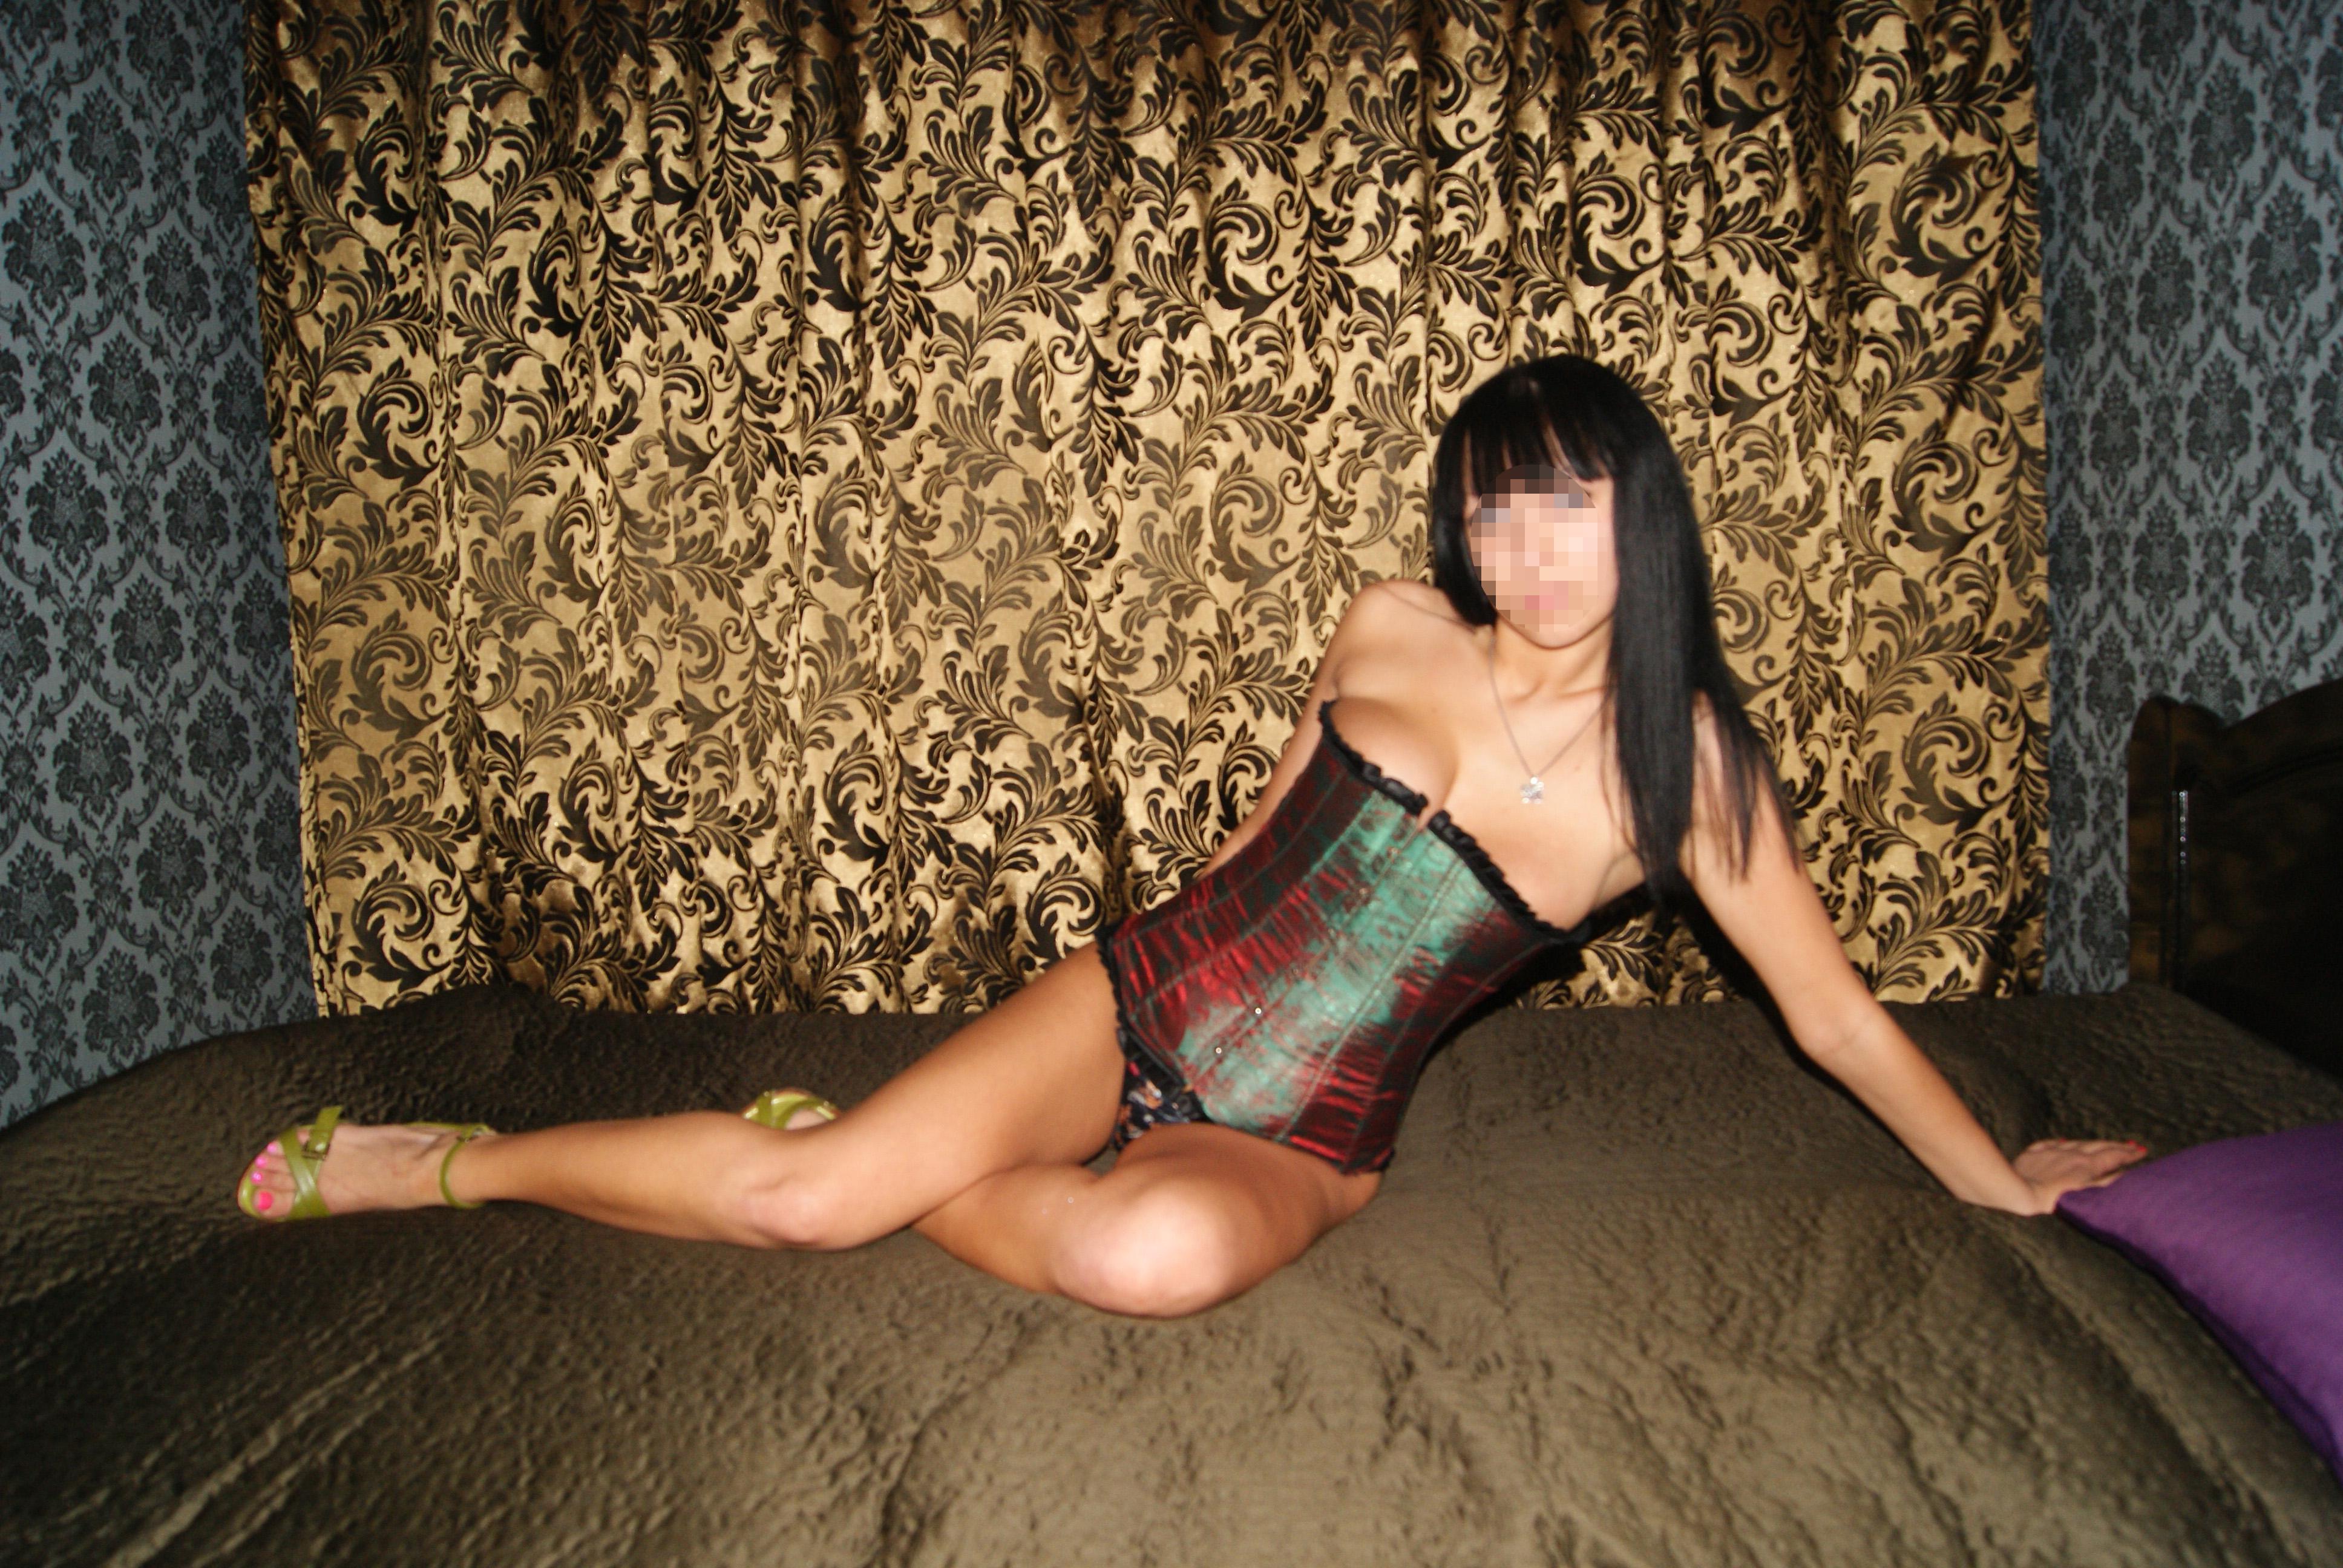 Проститутки по вызову ростова 18 фотография